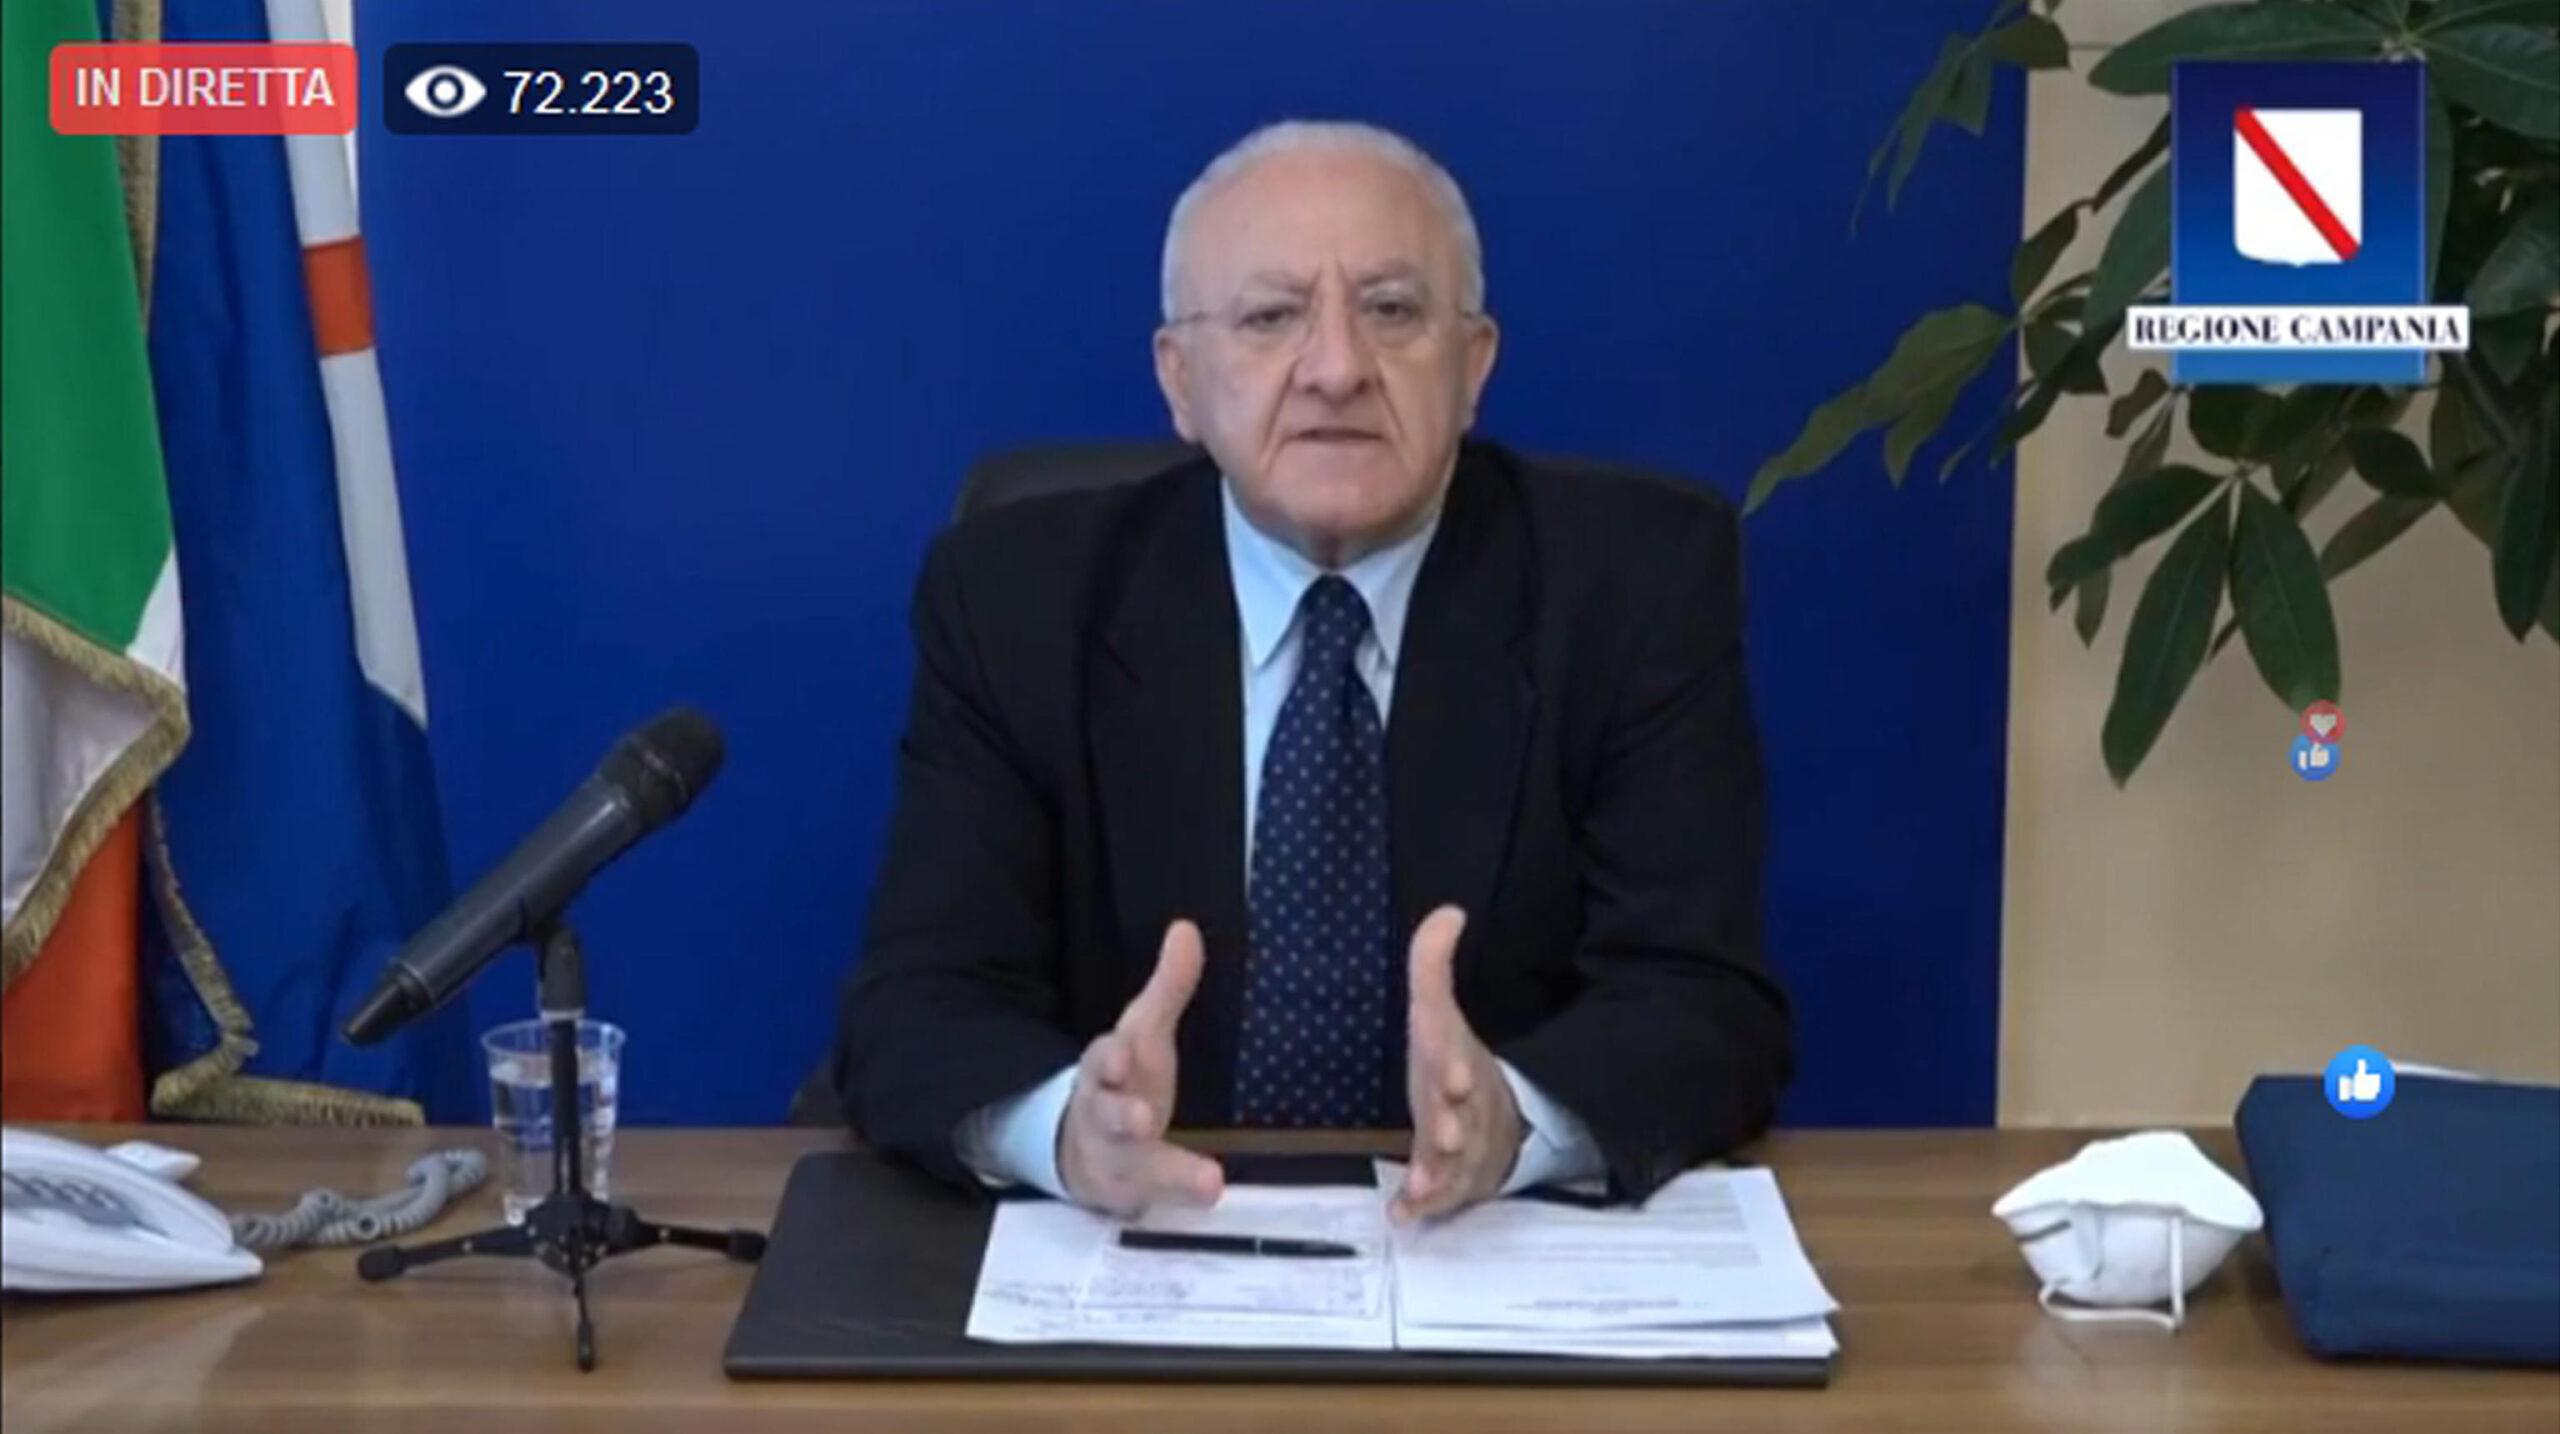 """Emergenza covid, in diretta il presidente della regione Campania De Luca: """"Ecco le zone rosse"""" +++SEGUI LA DIRETTA+++"""